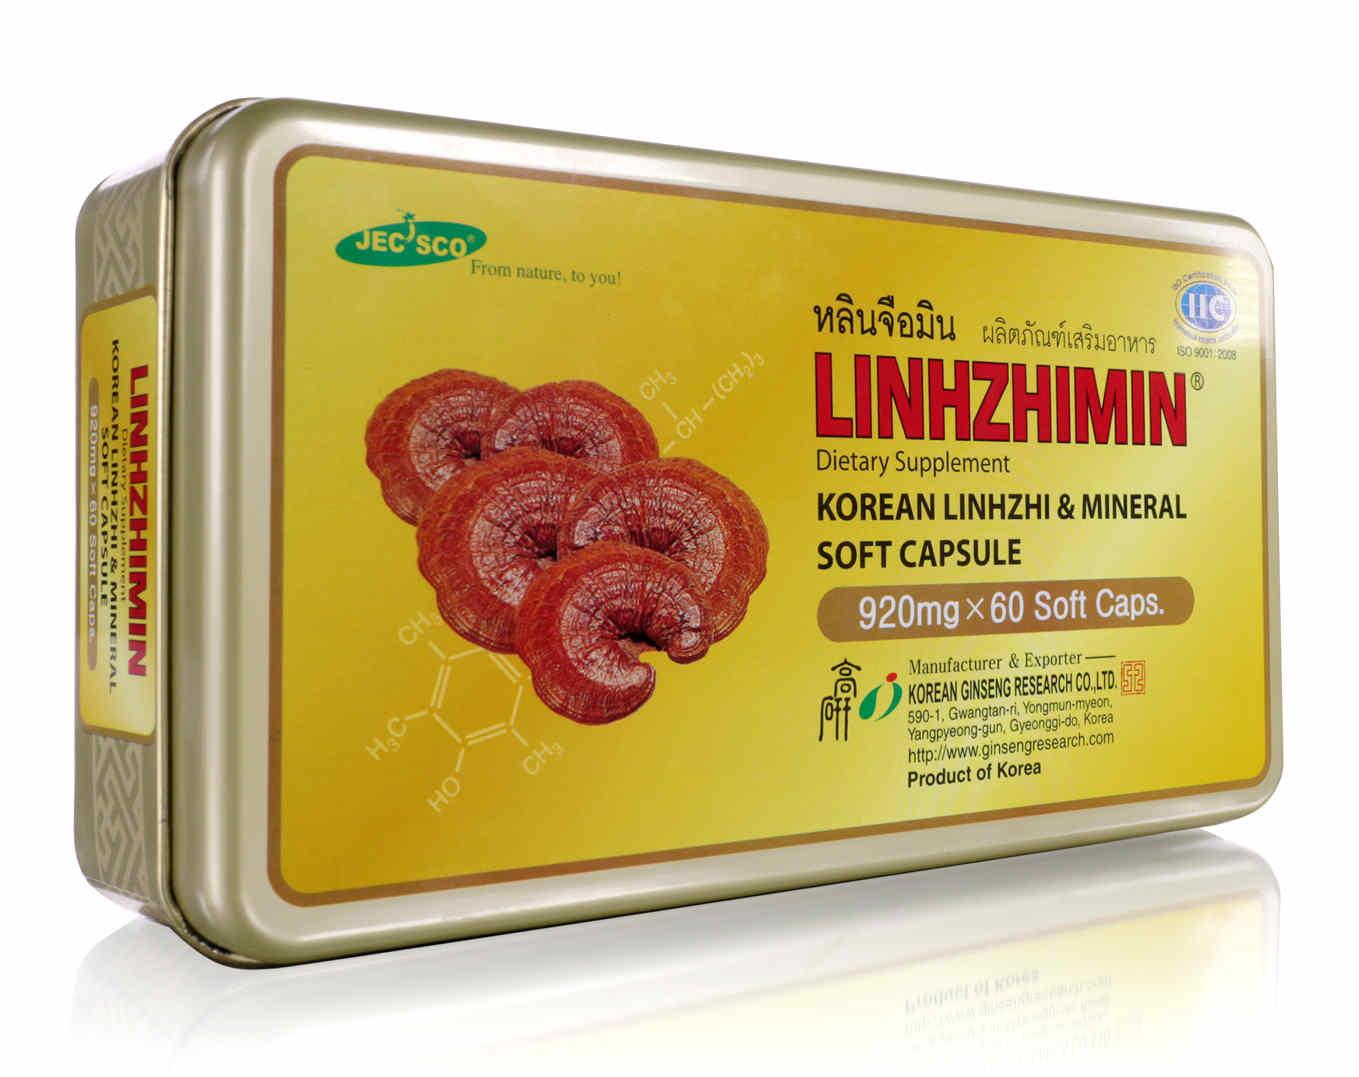 หลินจือมิน LINHZHIMIN เห็ดหลินจือแดงสกัดในซอฟเจล